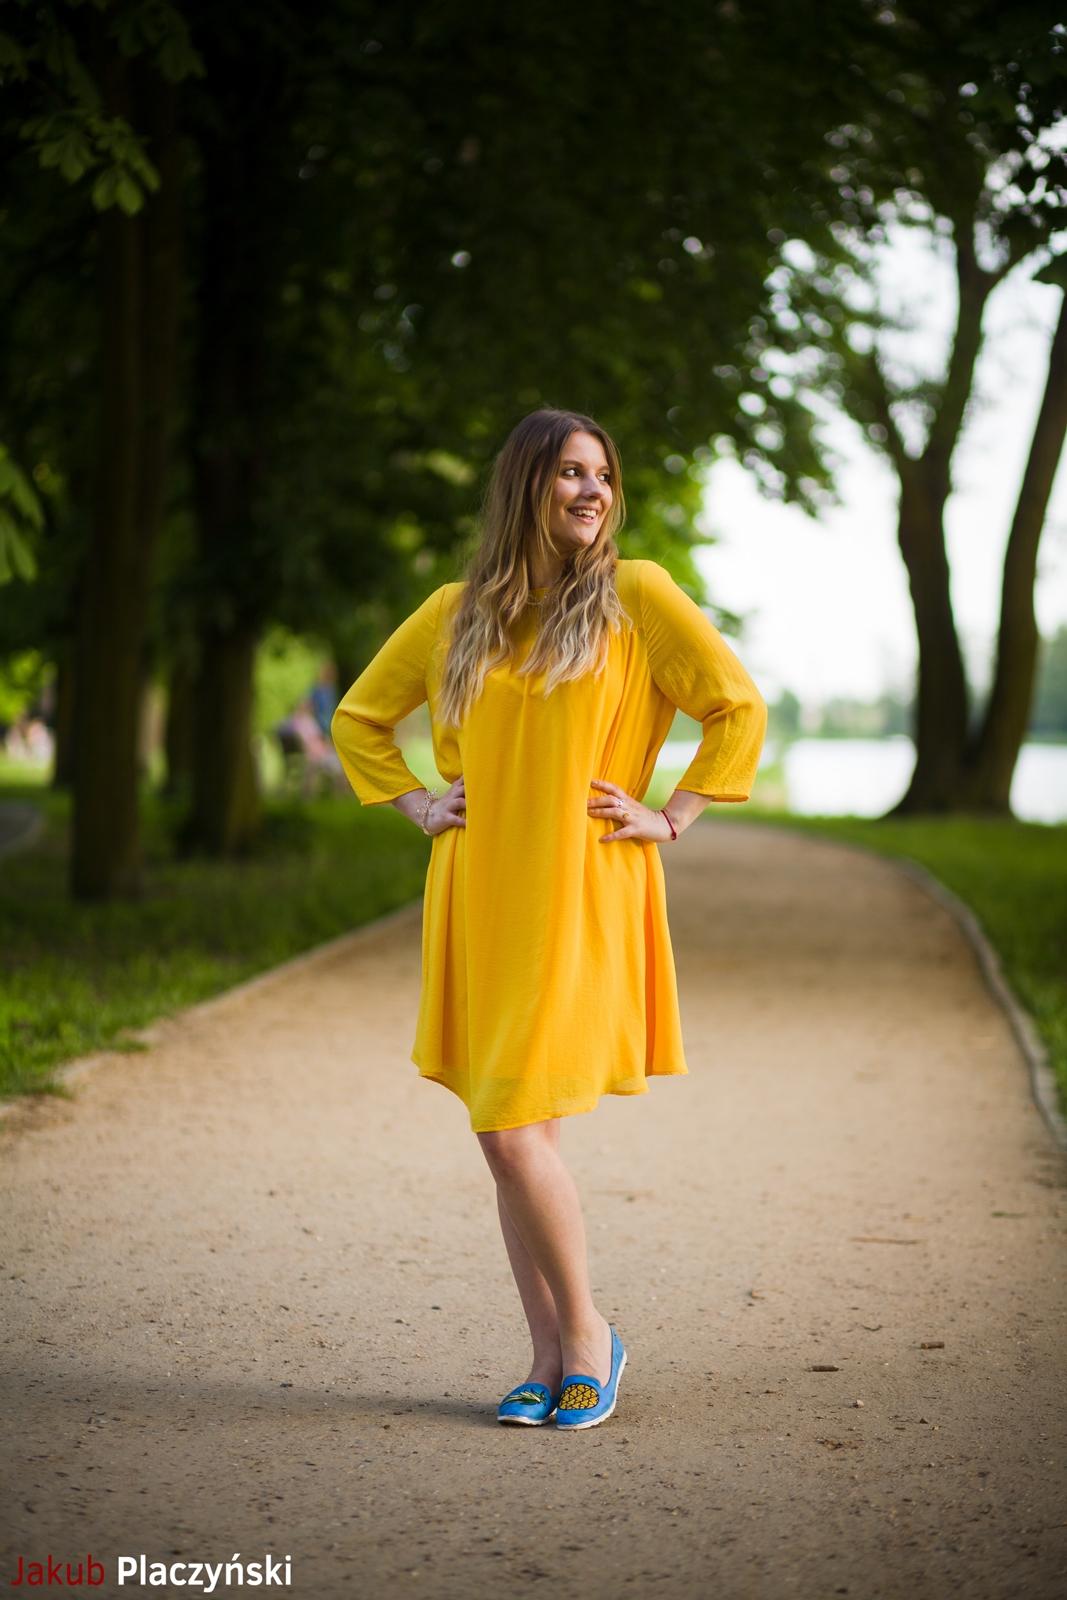 15 żółta sukienka na lato bonprix niebieskie espadryle z ananasem renee shoes reneegirls reneeshoes melodylaniella modnapolka lookbook ootd moda na lato biżuteria piotrowski swarovski